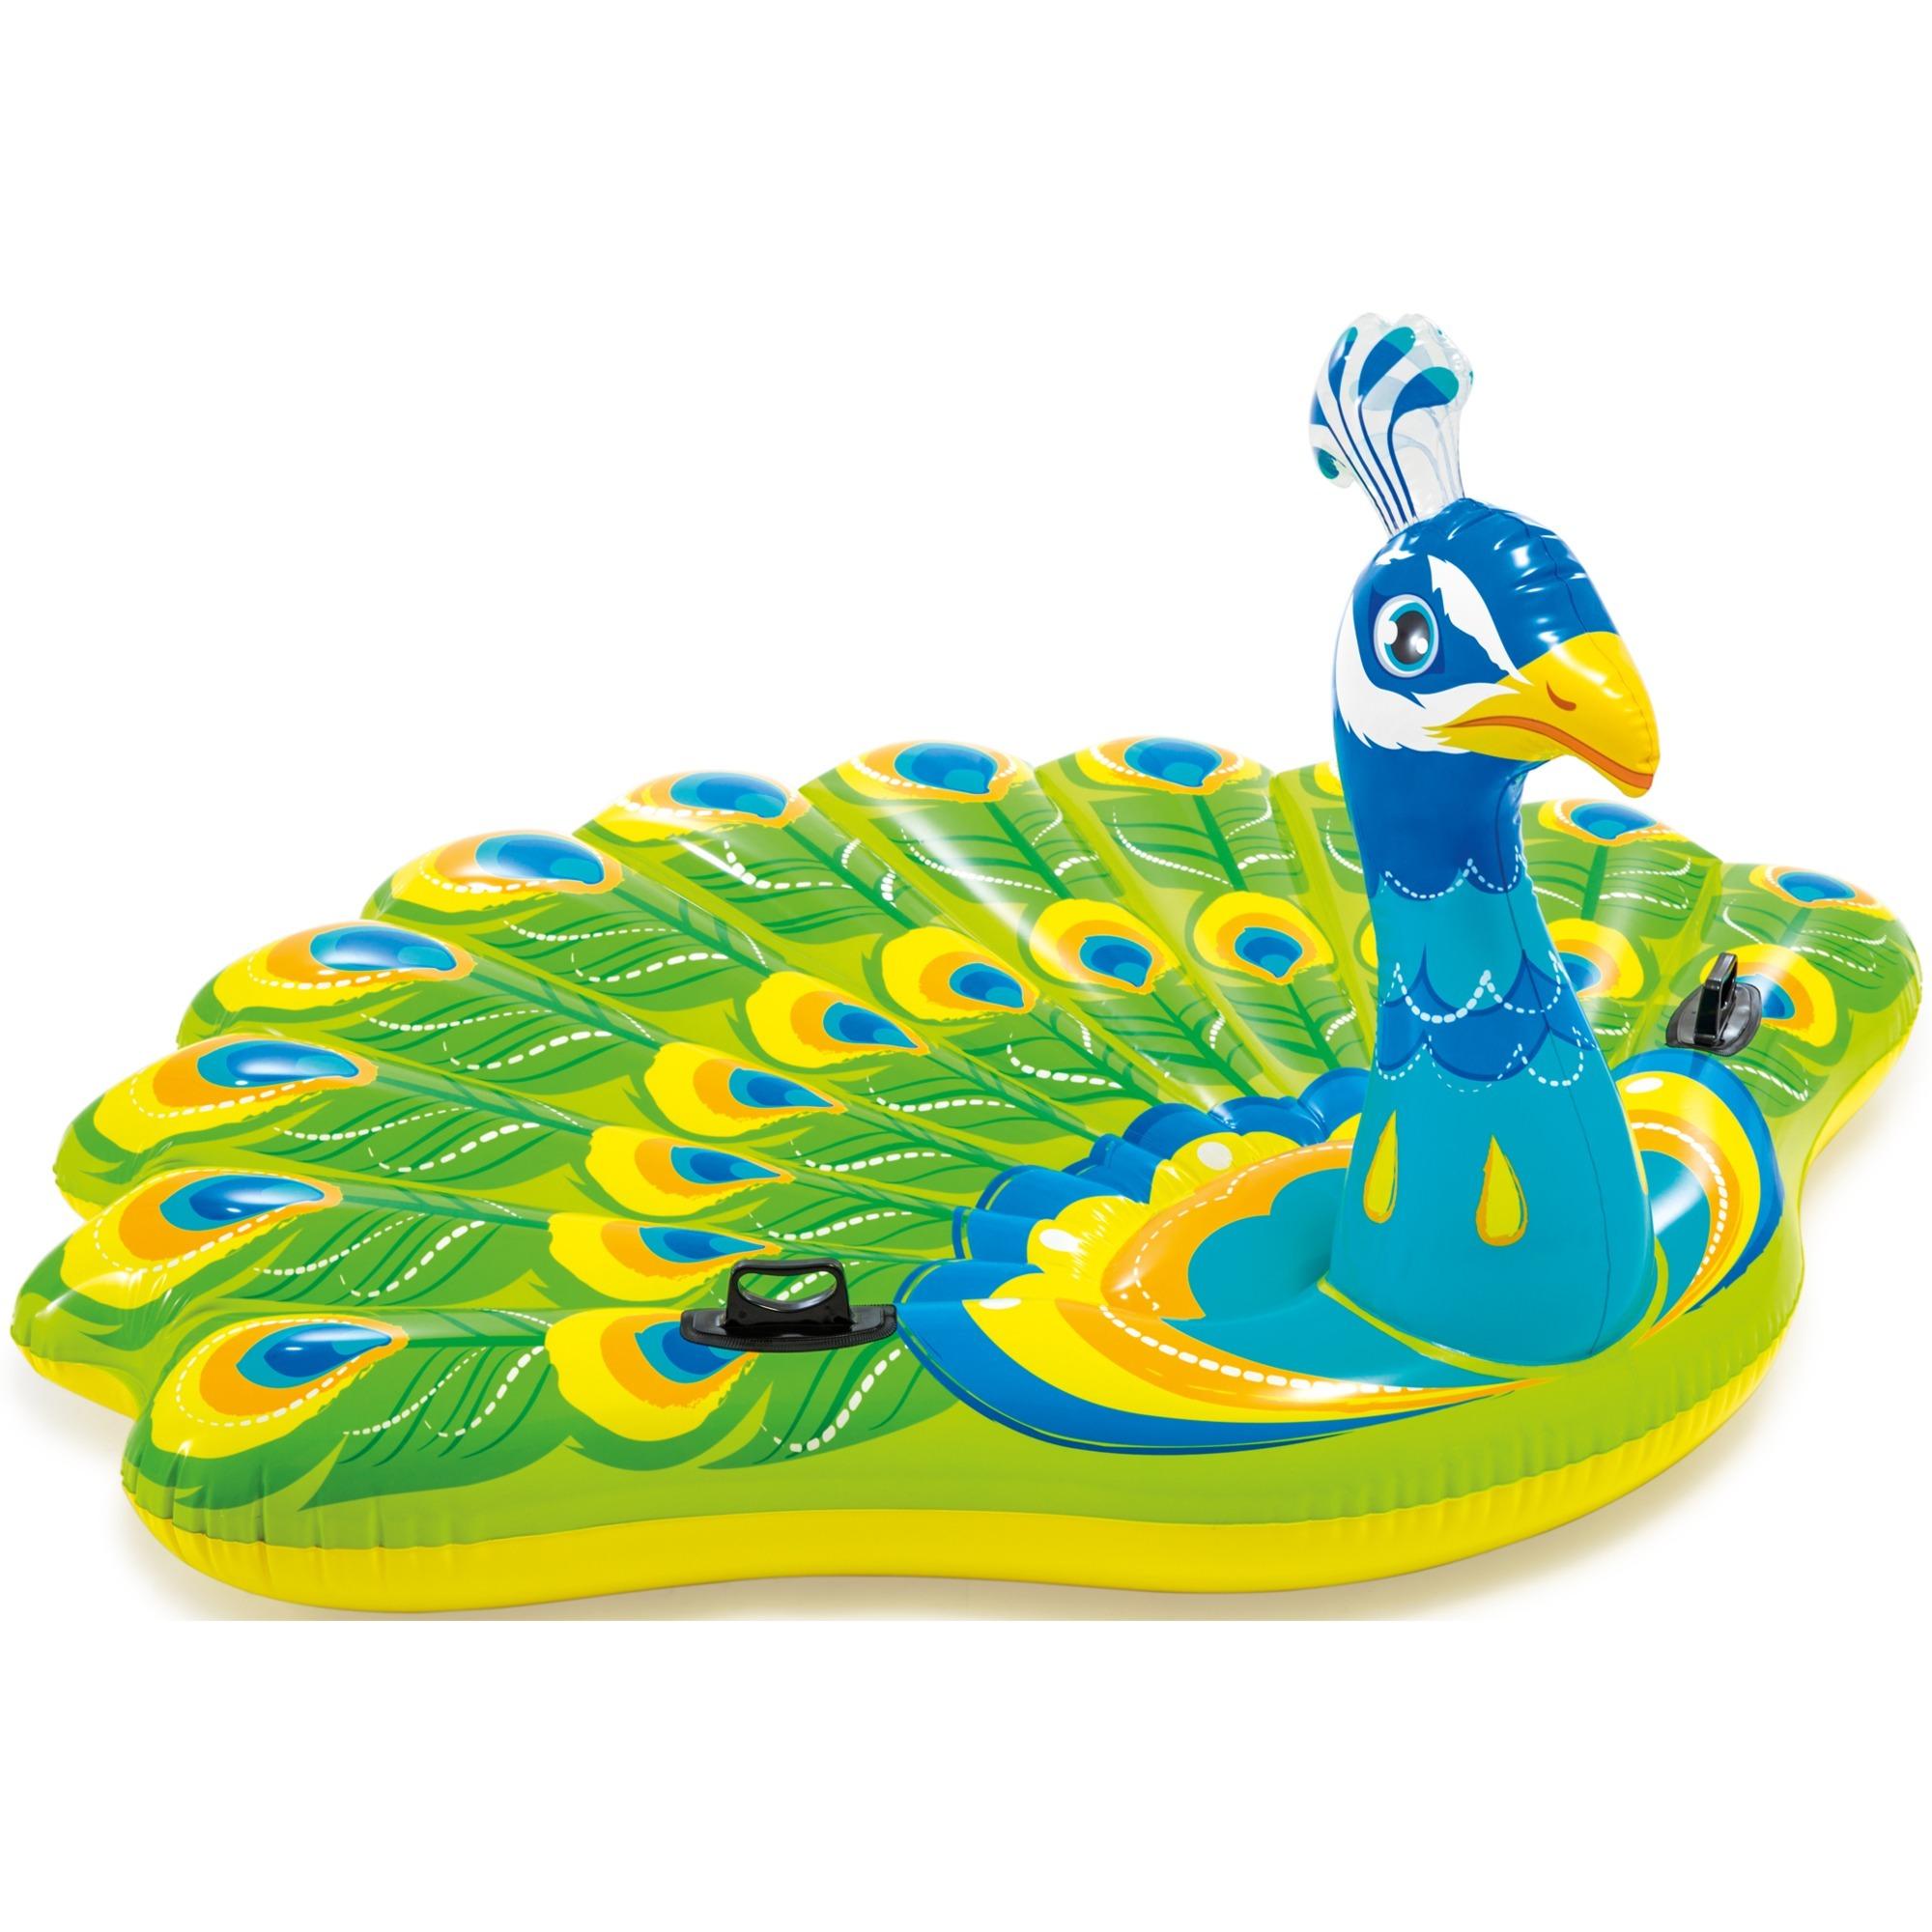 57250 flotador para piscina y playa Multicolor Isla flotante, Animal flotante